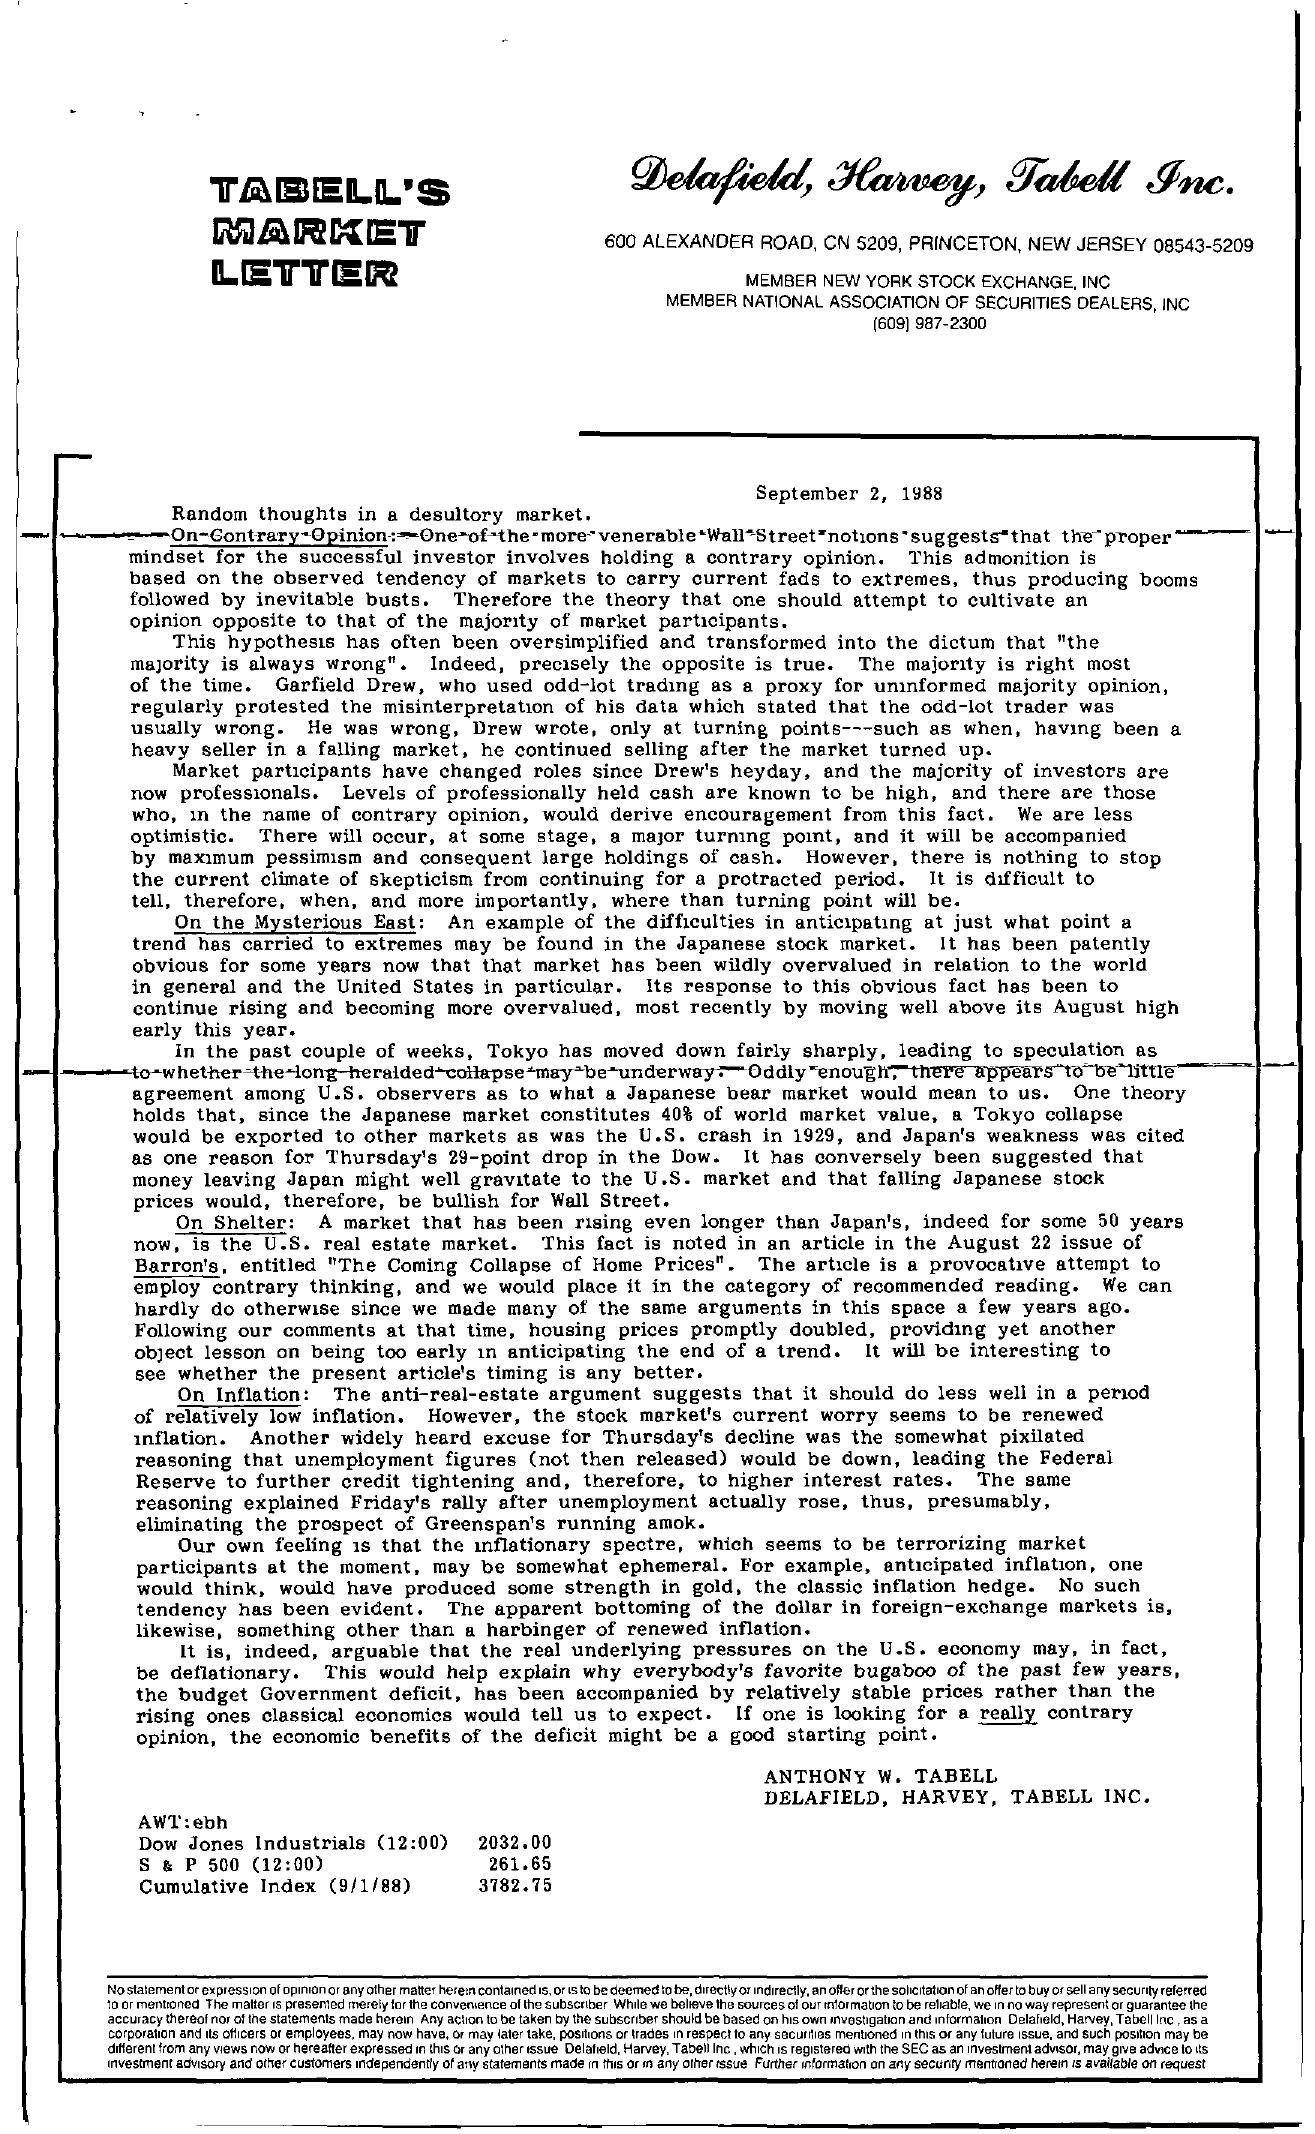 Tabell's Market Letter - September 02, 1988